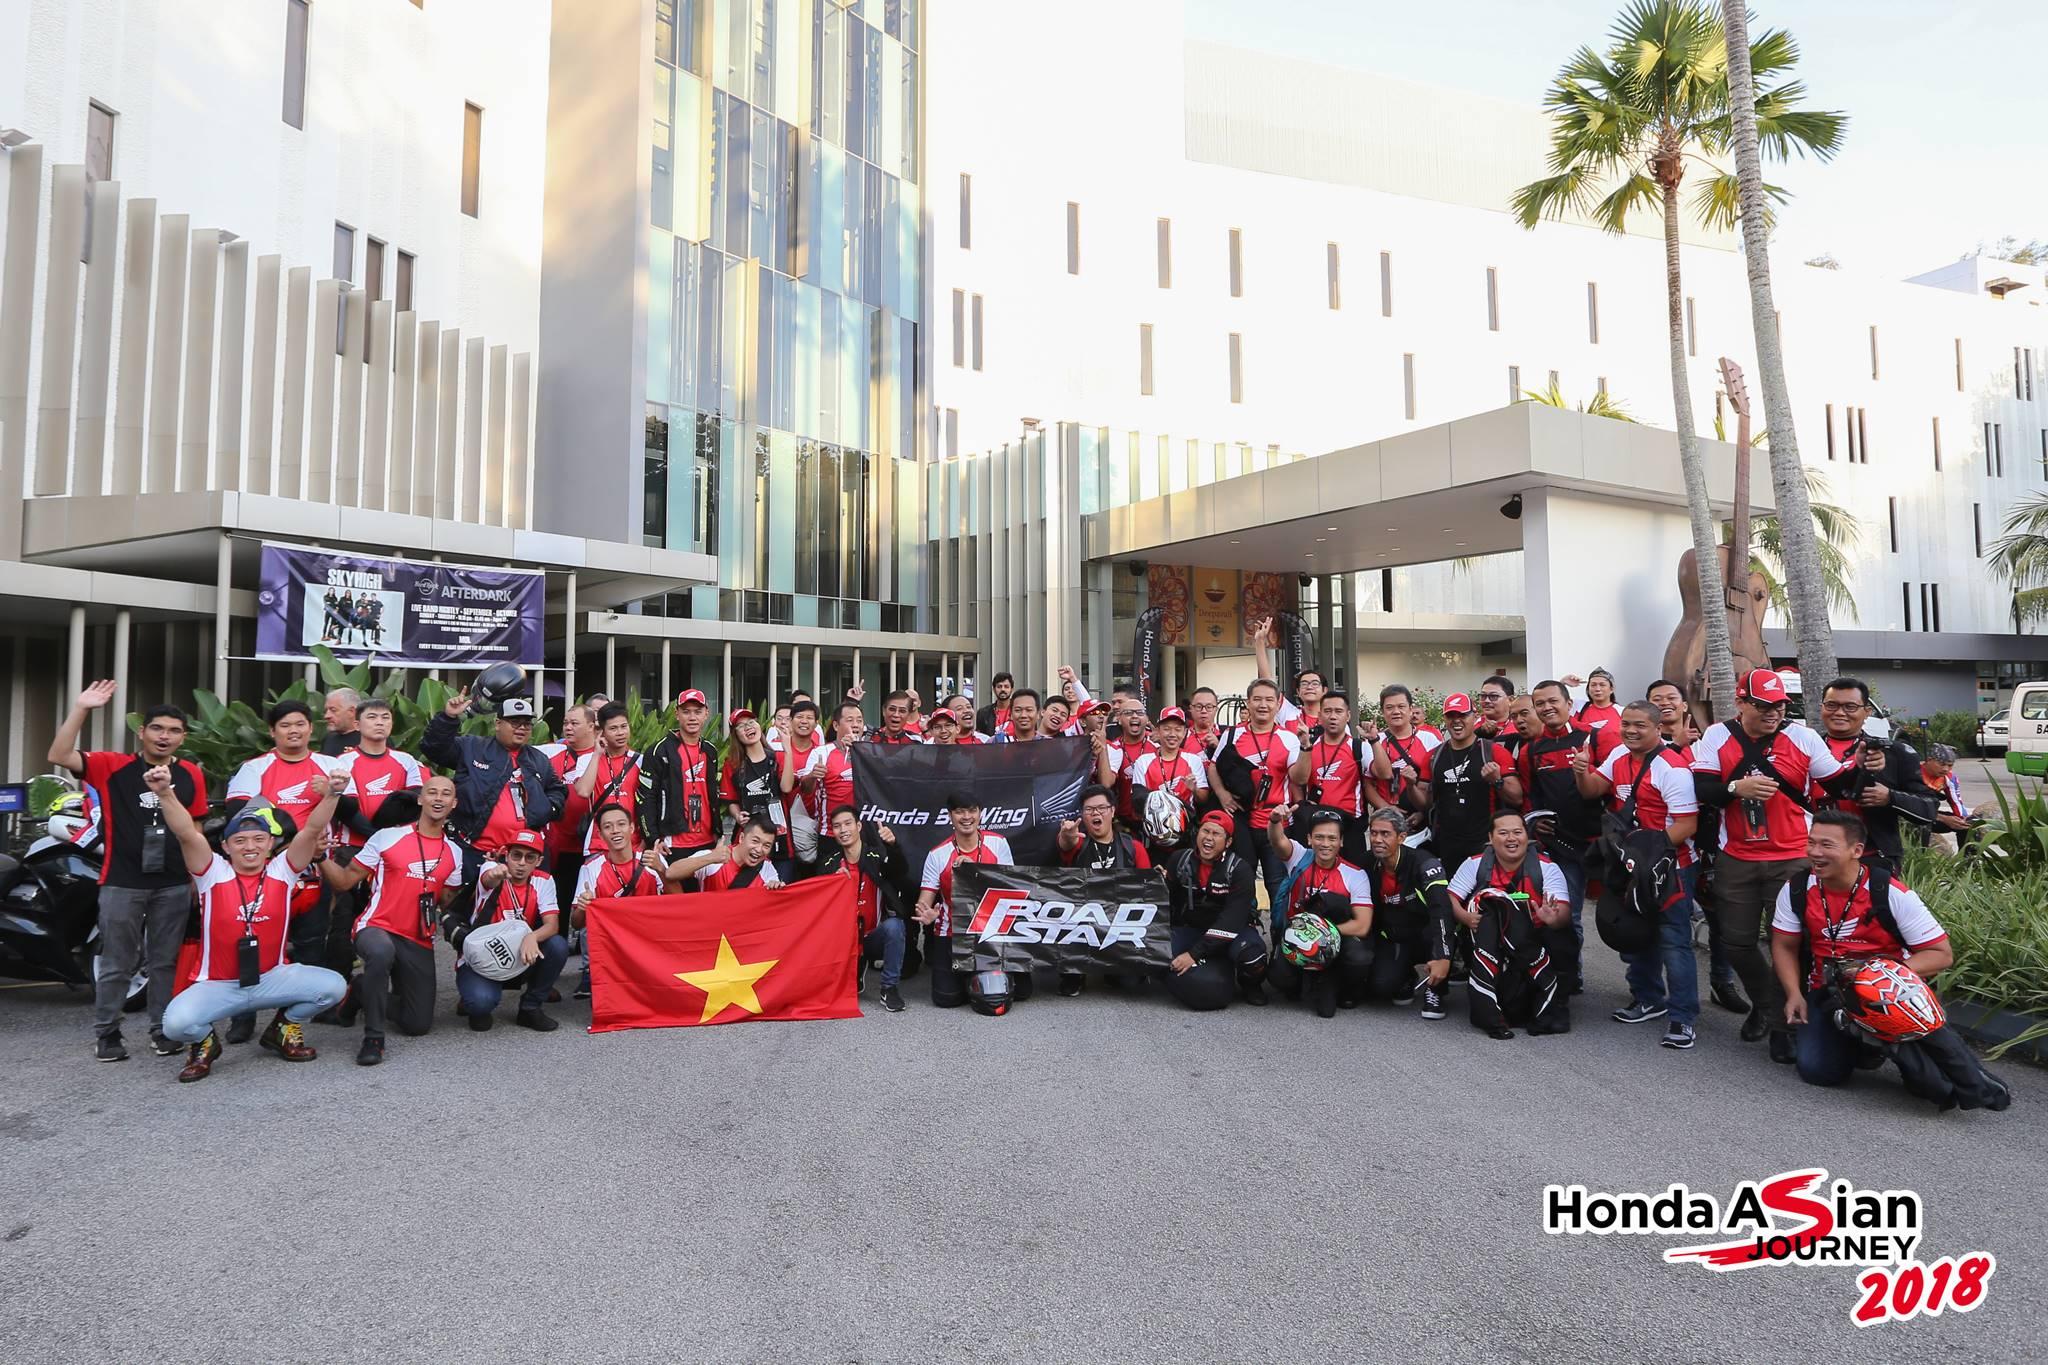 honda-asian-journey-2018-xe-tinhte-001.jpg